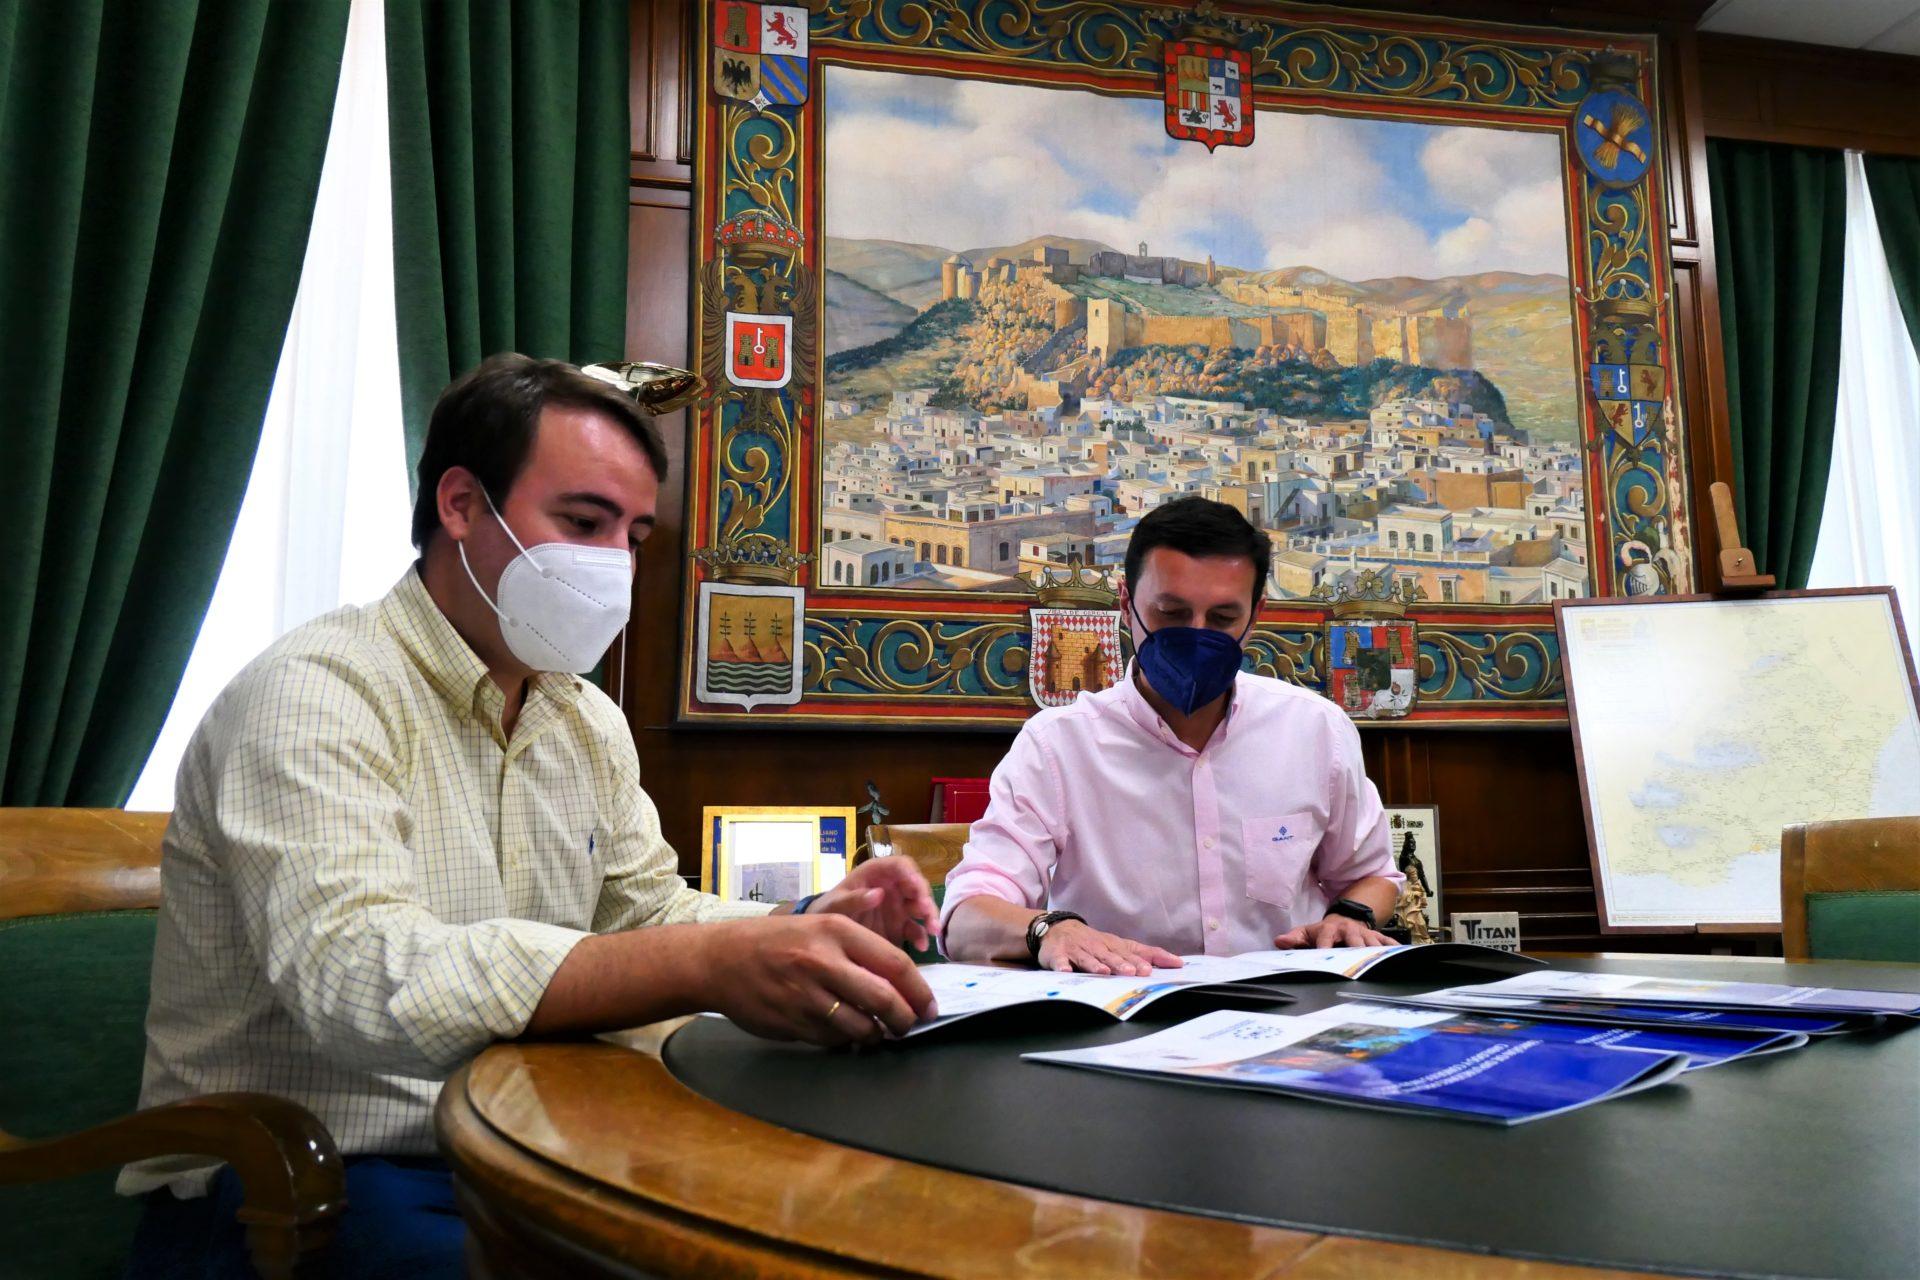 La Comisión de Diputaciones, Cabildos y Consejos Insulares de la FEMP celebra una reunión histórica en Almería